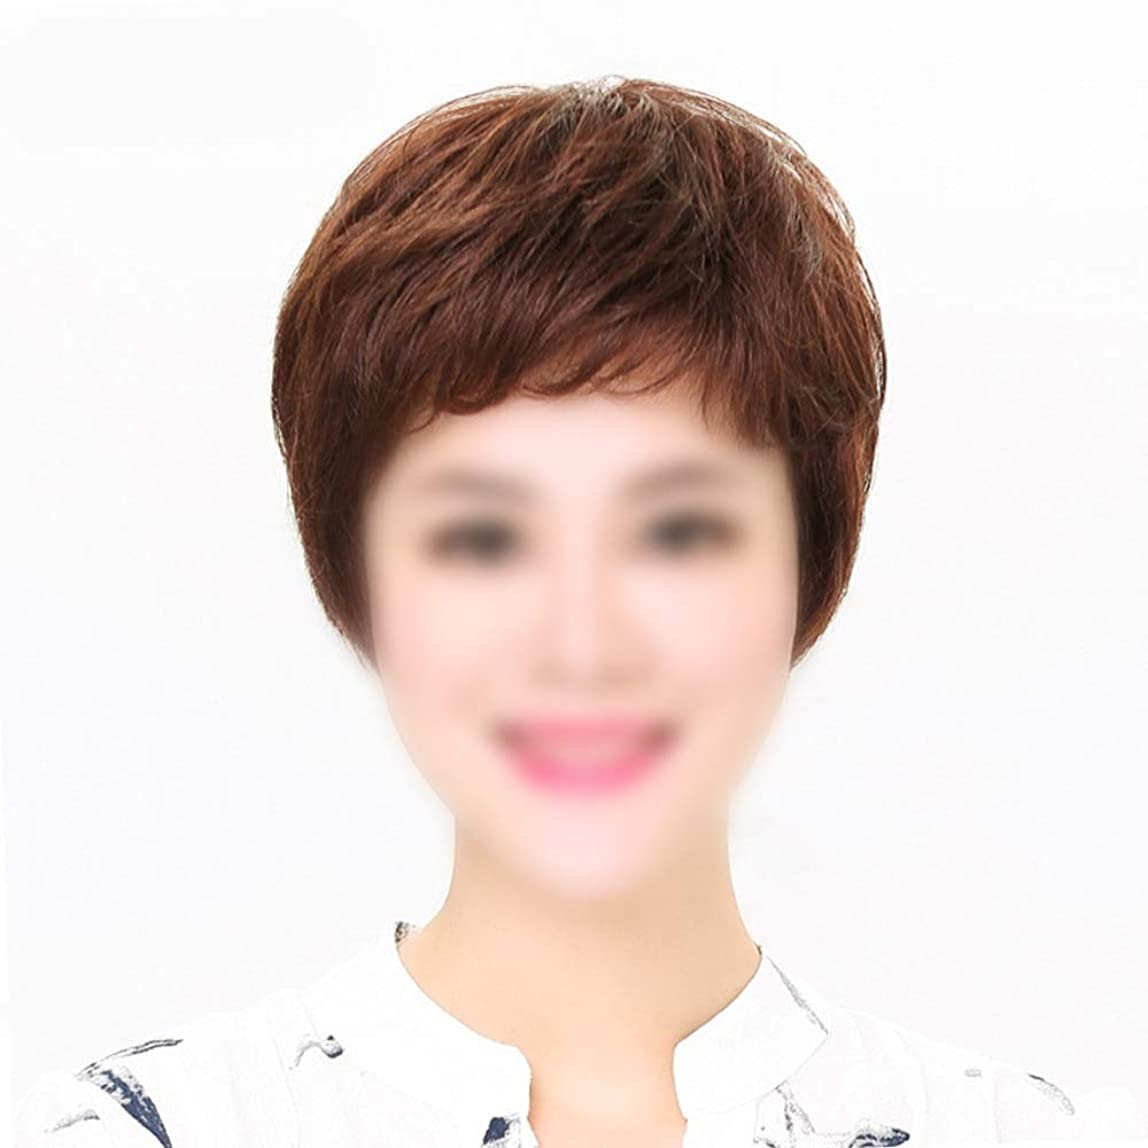 鎮痛剤バルブ調整可能BOBIDYEE ママデイリードレスパーティーウィッグのためのかつら自然な人間の髪の毛の拡張子ストレートヘア (色 : Natural black, サイズ : Hand-woven heart)